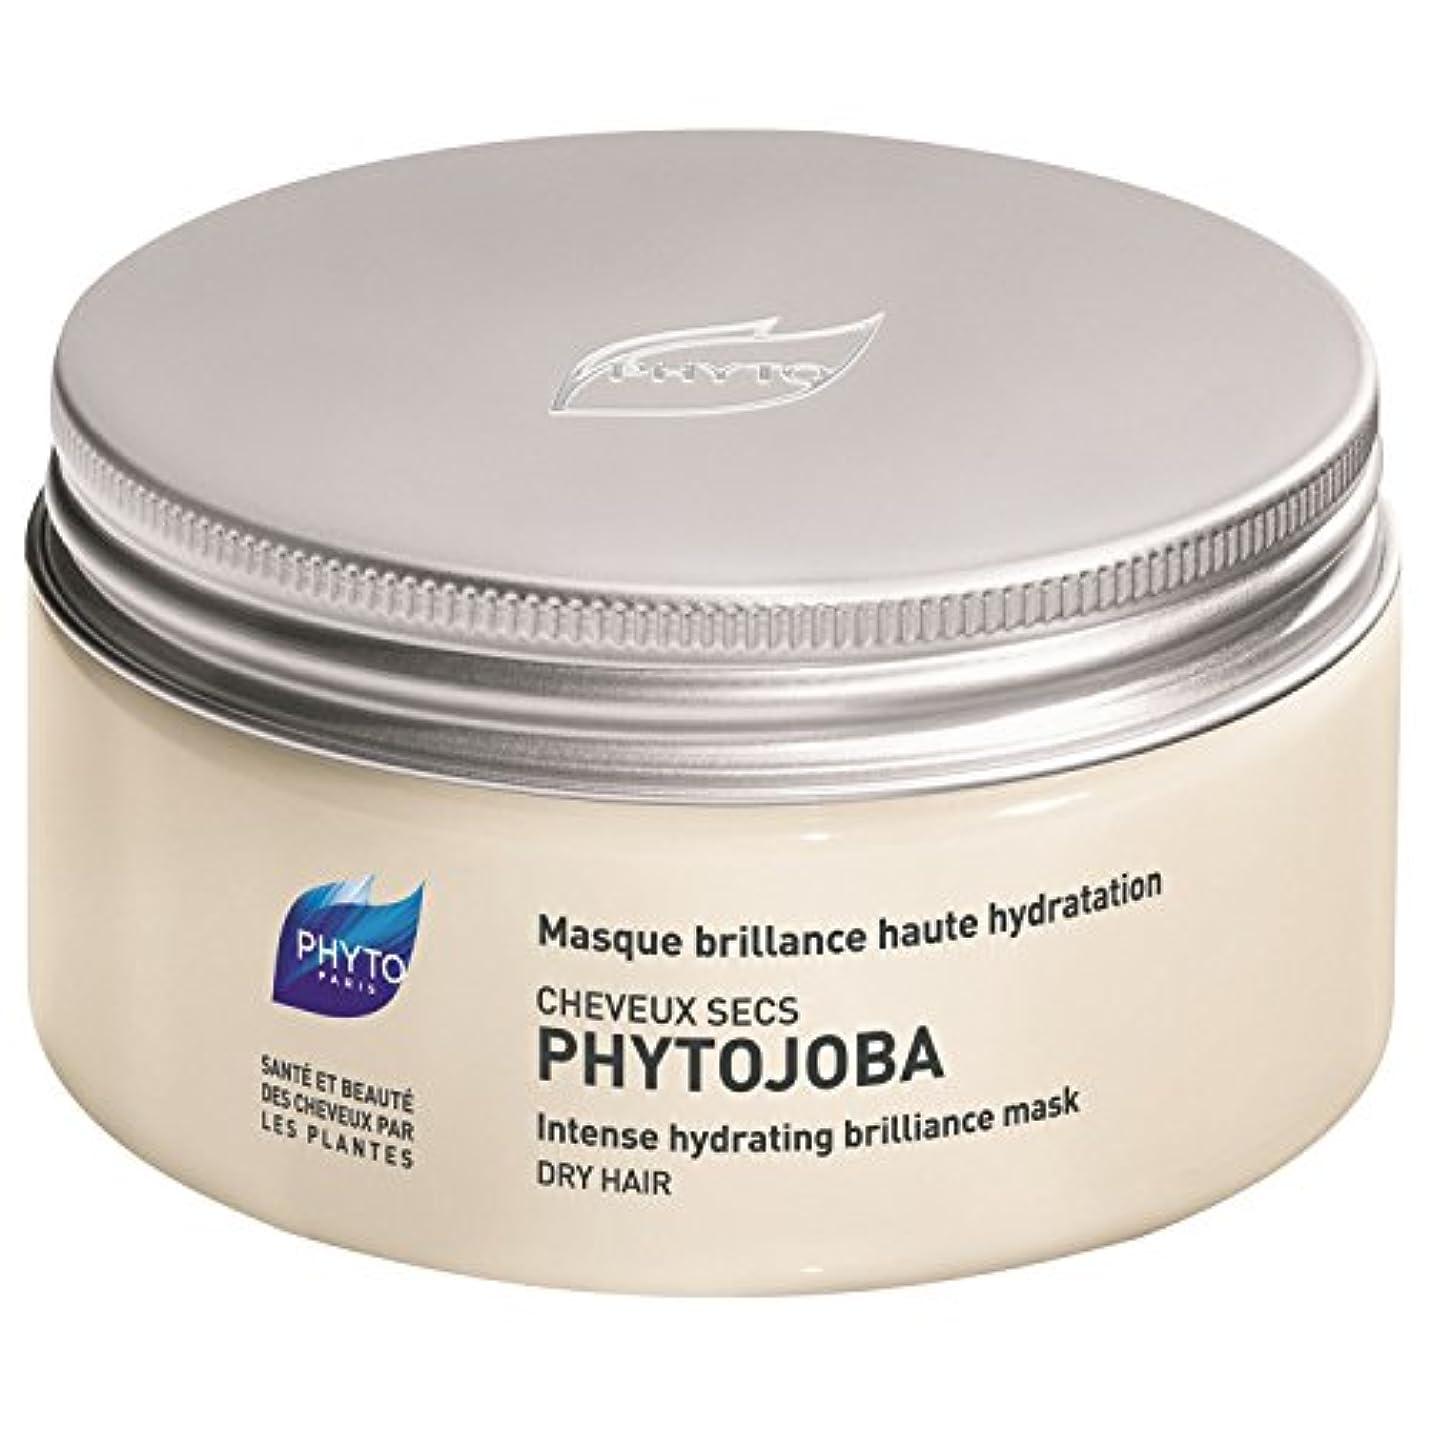 聖人を除く令状フィトPhytojoba強烈な水分補給マスク200ミリリットル (Phyto) (x6) - Phyto Phytojoba Intense Hydrating Mask 200ml (Pack of 6) [並行輸入品]